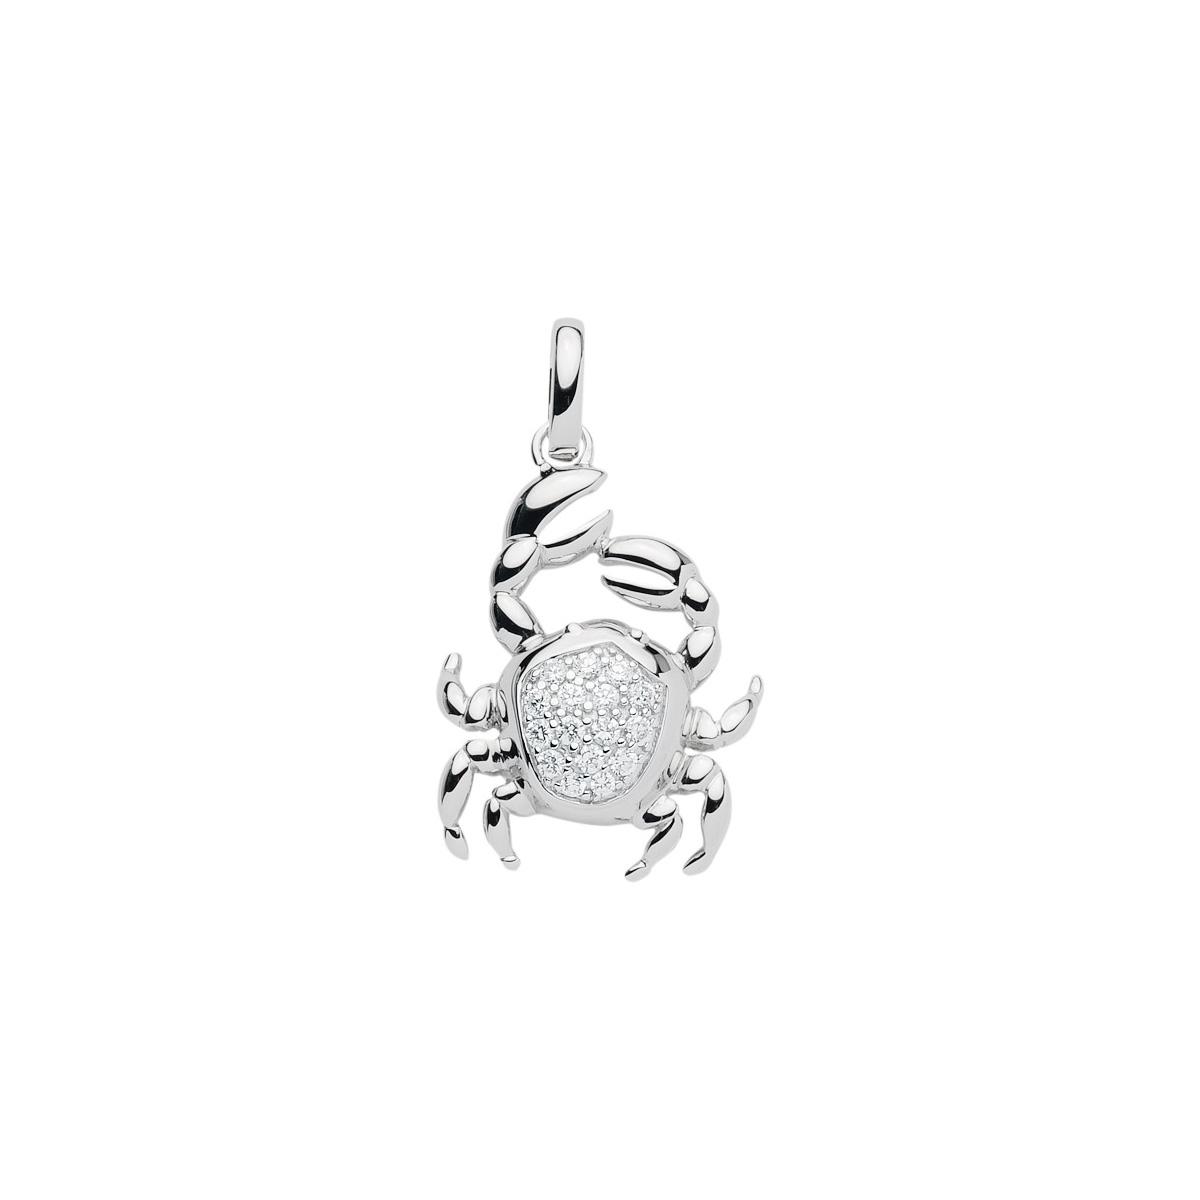 99-KREBS sølv vedhæng - Krebsens Stjernetegn som sølv vedhæng til halskæder